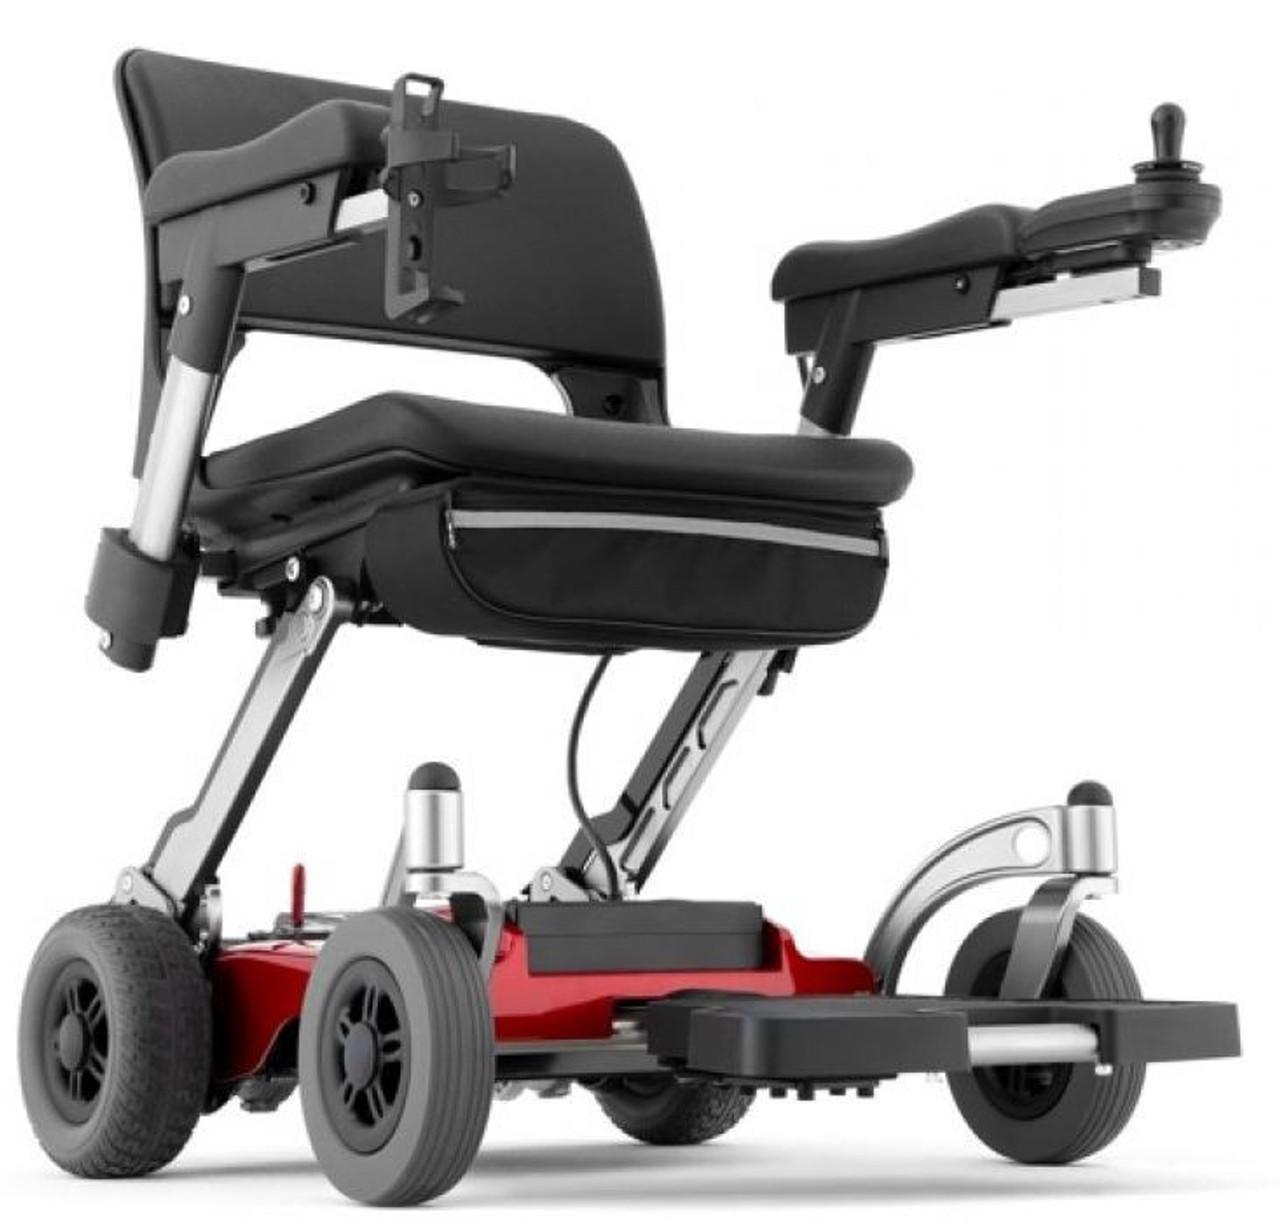 Luggie Travel Rider Power Wheelchair